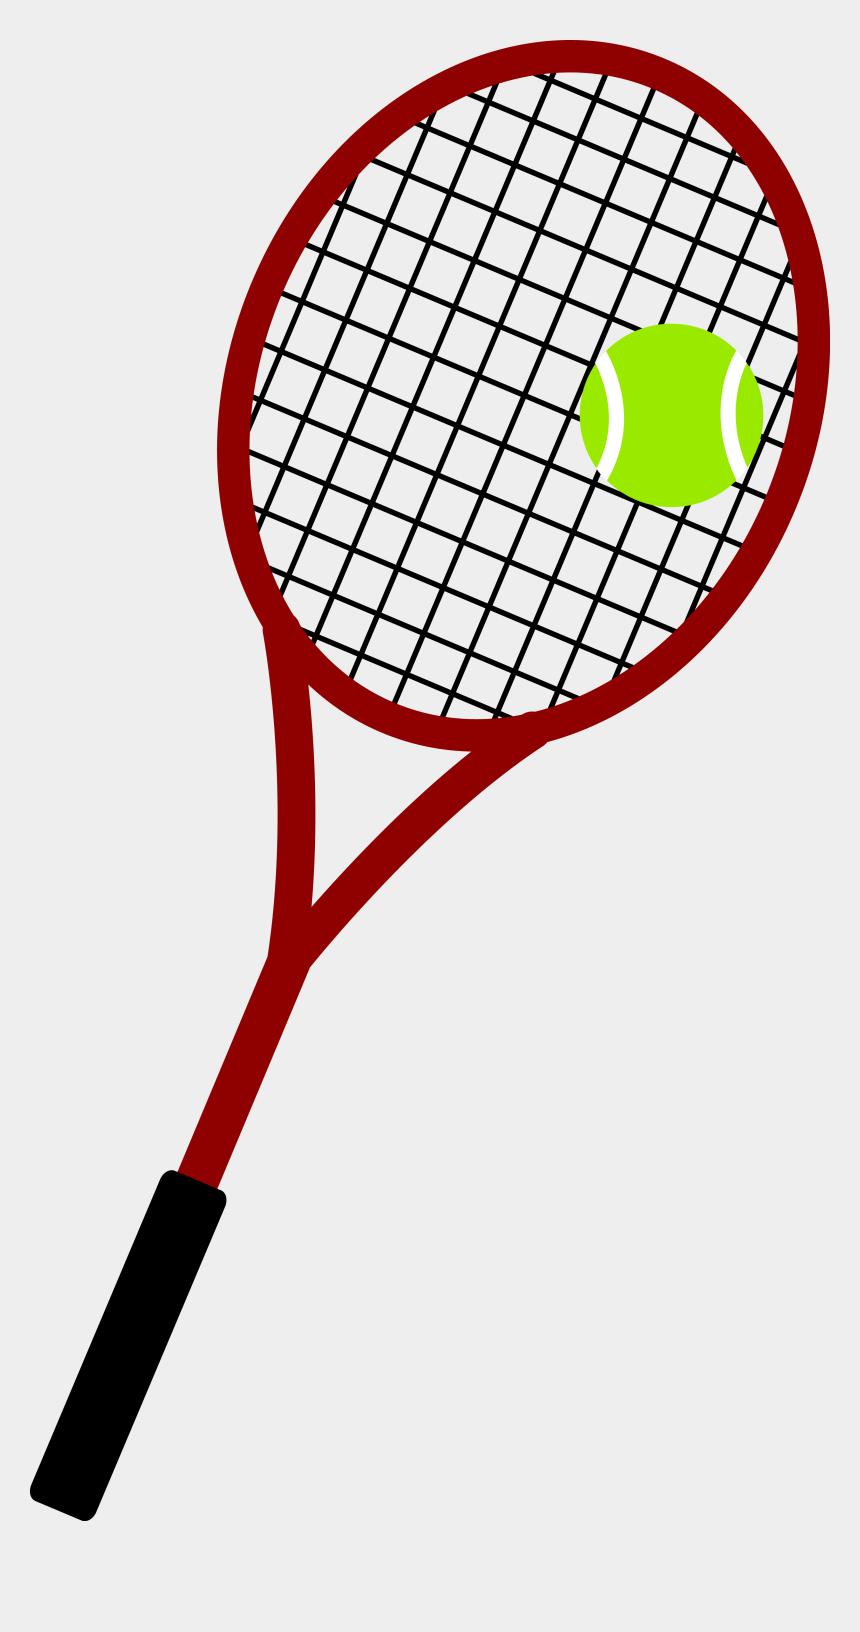 ball clipart, Cartoons - Tennis - Ball - Clipart - Tennis Ball And Racket Clipart